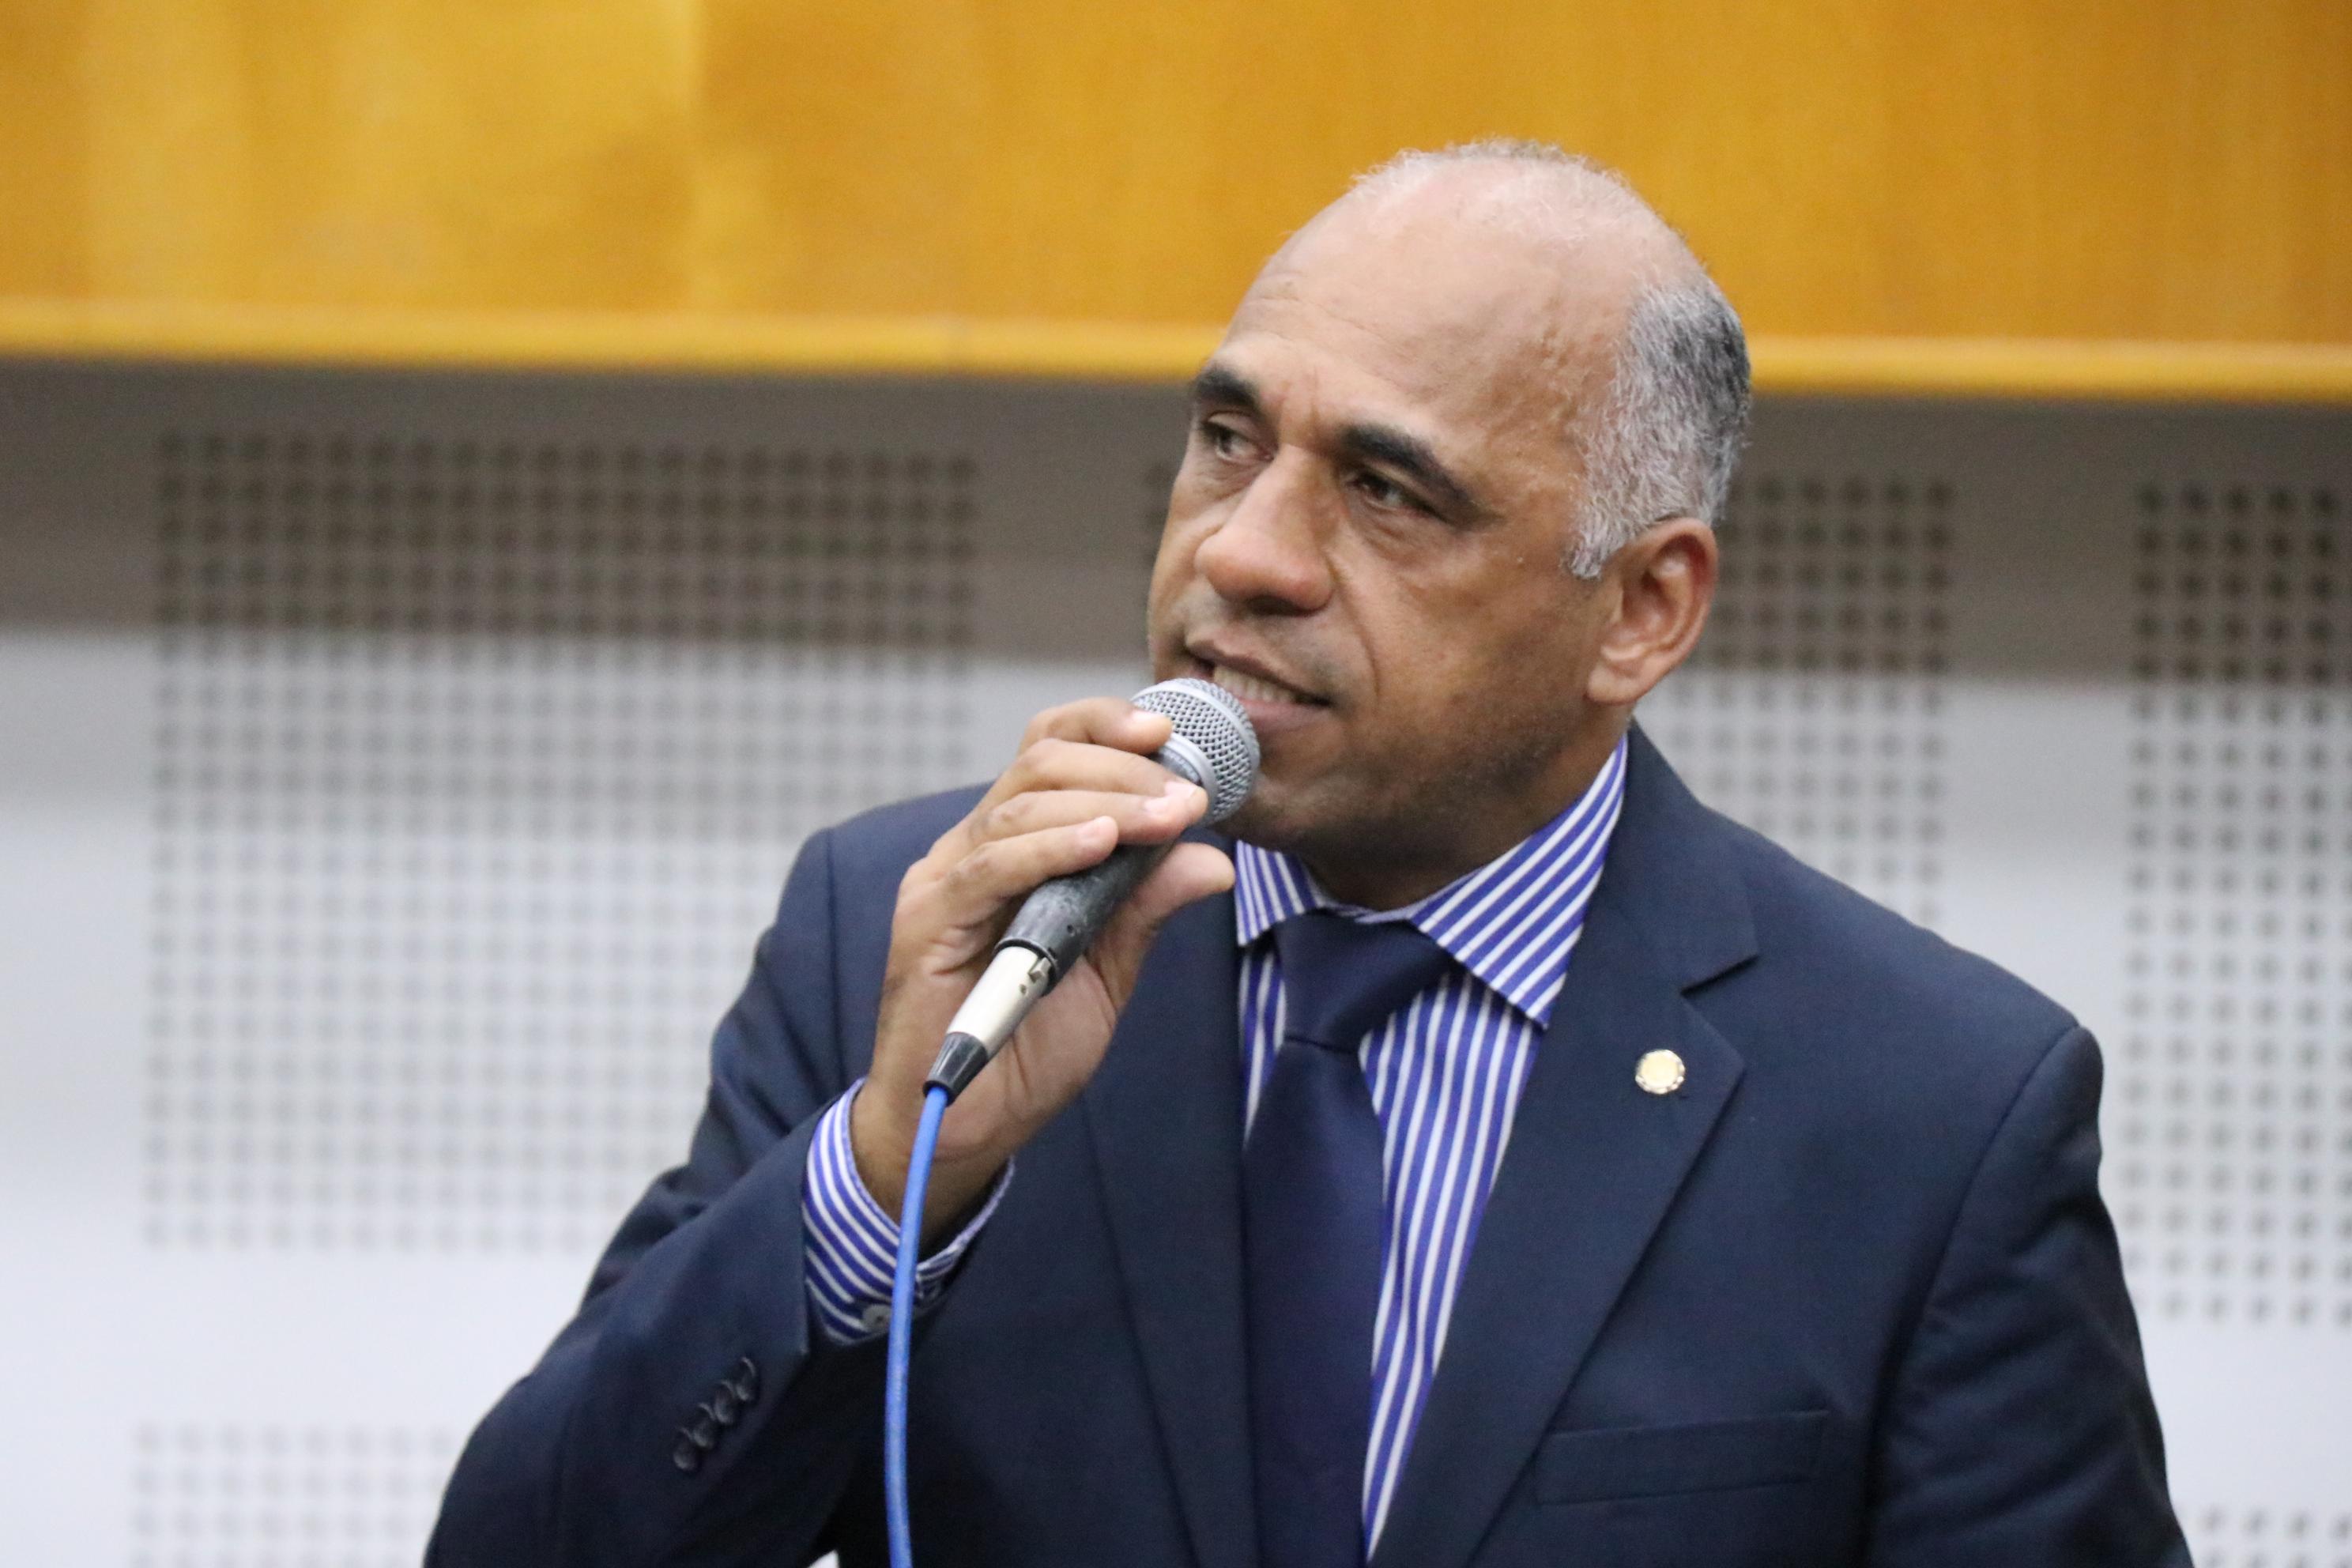 Matéria visa declarar de utilidade pública a Associação Rio da Vida